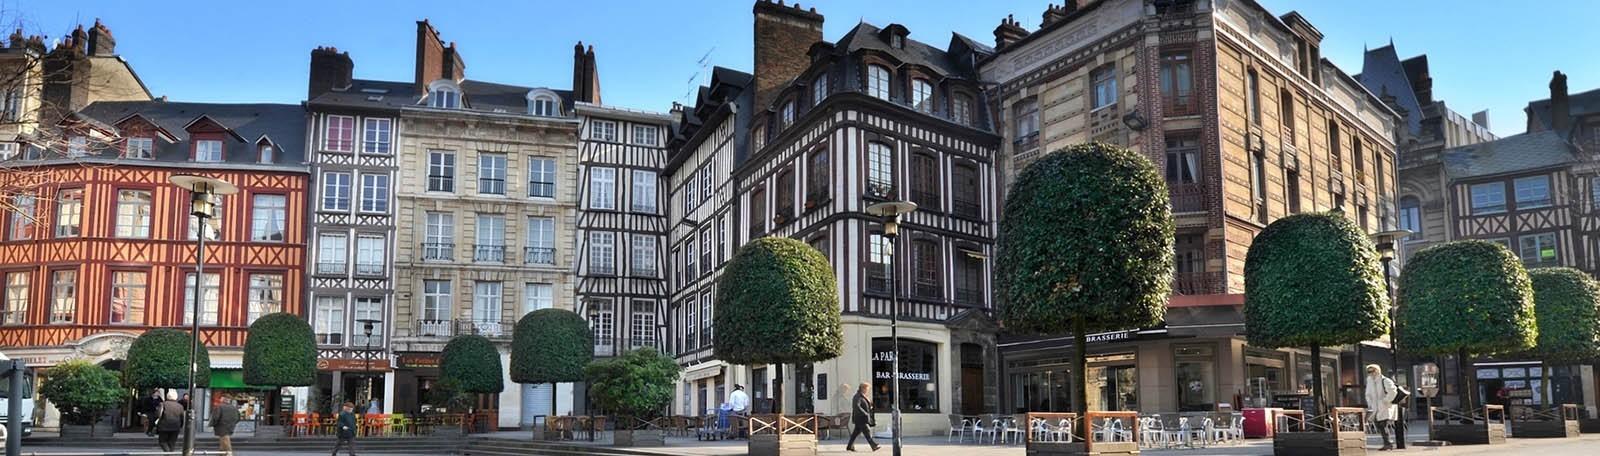 Réservation parking Palais de Justice Musée des Beaux Arts Rouen